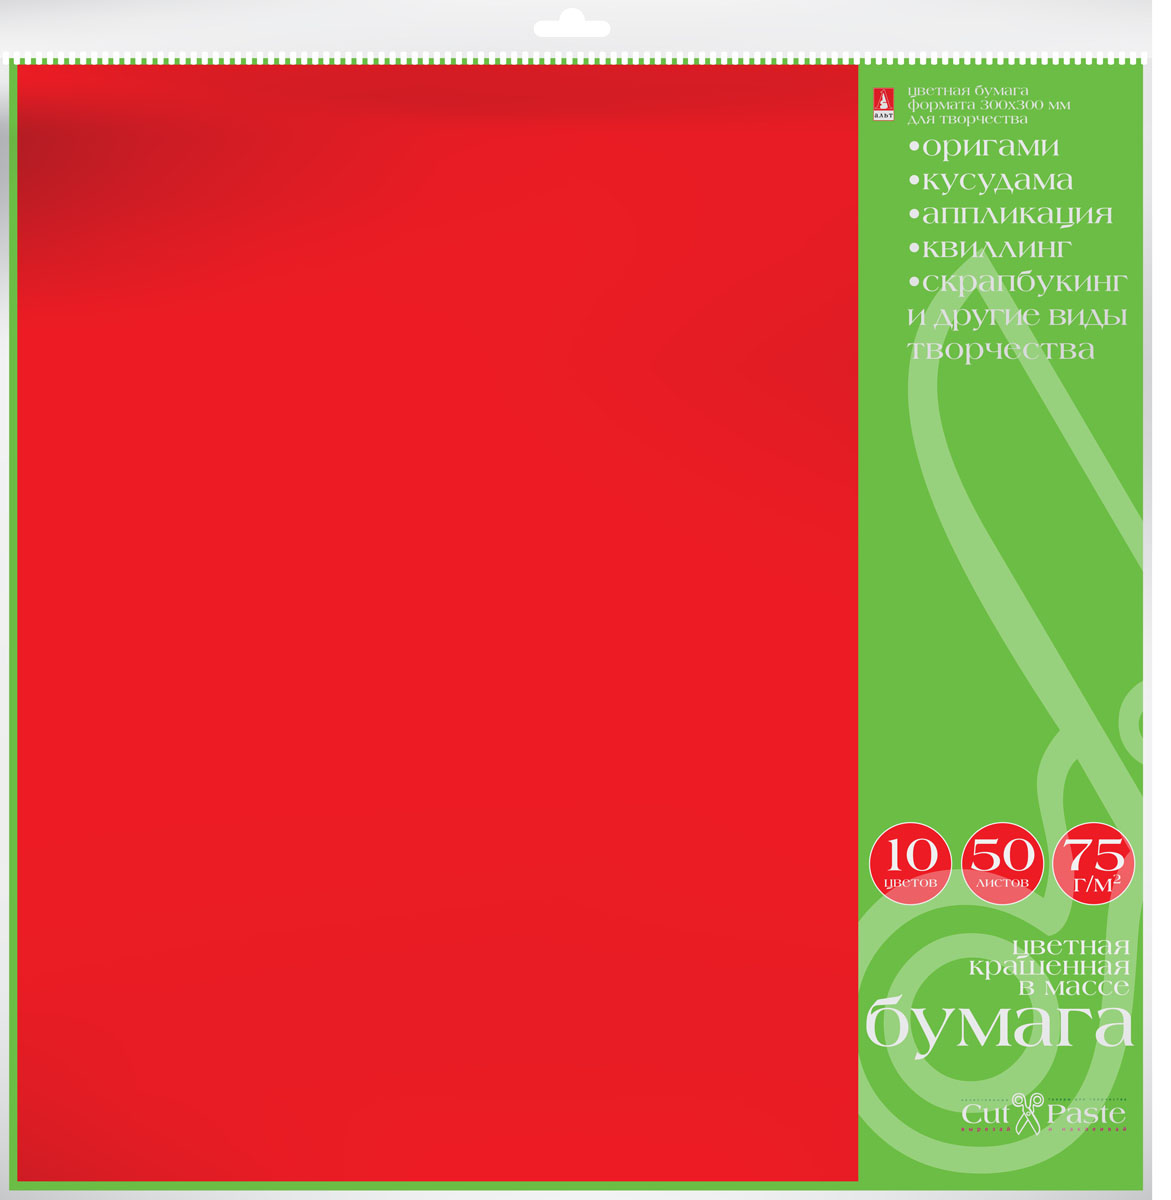 Альт Набор бумаги для хобби 50 листов 10 цветов 300 х 300 мм72523WDНабор бумаги для хобби Альт включает в себя 50 листов бумаги 10 цветов.Тонированная в массе бумага обладает высоким качеством и плотностью, что позволяет использовать ее для поделок в любой технике, комбинировать с картоном и текстилем.Детские аппликации из цветной бумаги - хороший способ самовыражения ребенка и развития творческих навыков. Создание различных поделок с помощью этого набора увлечет вашего ребенка и подарит вам хорошее настроение.